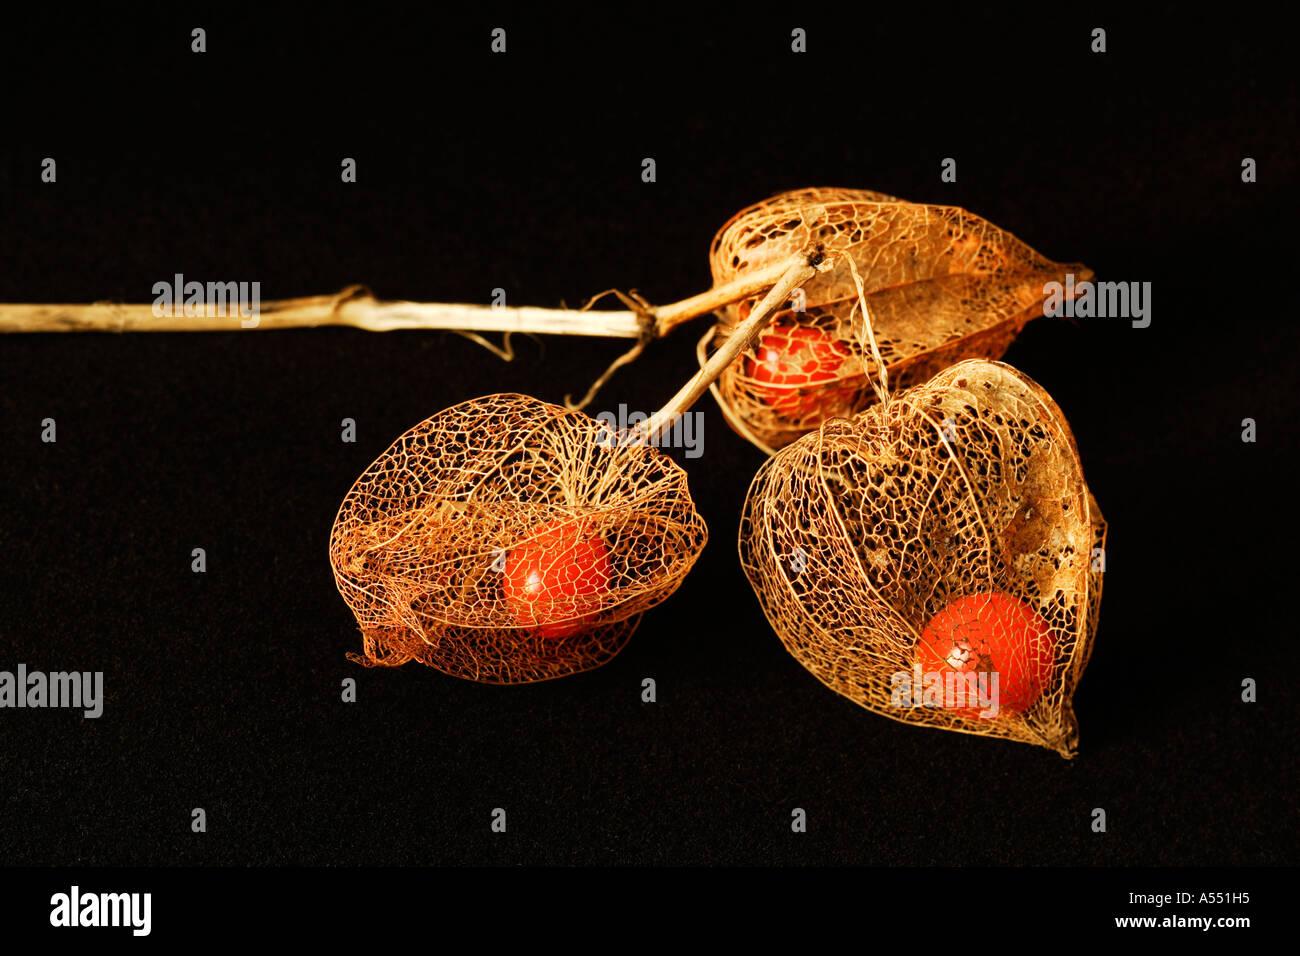 Seed of Physalis alkekengi Austria - Stock Image